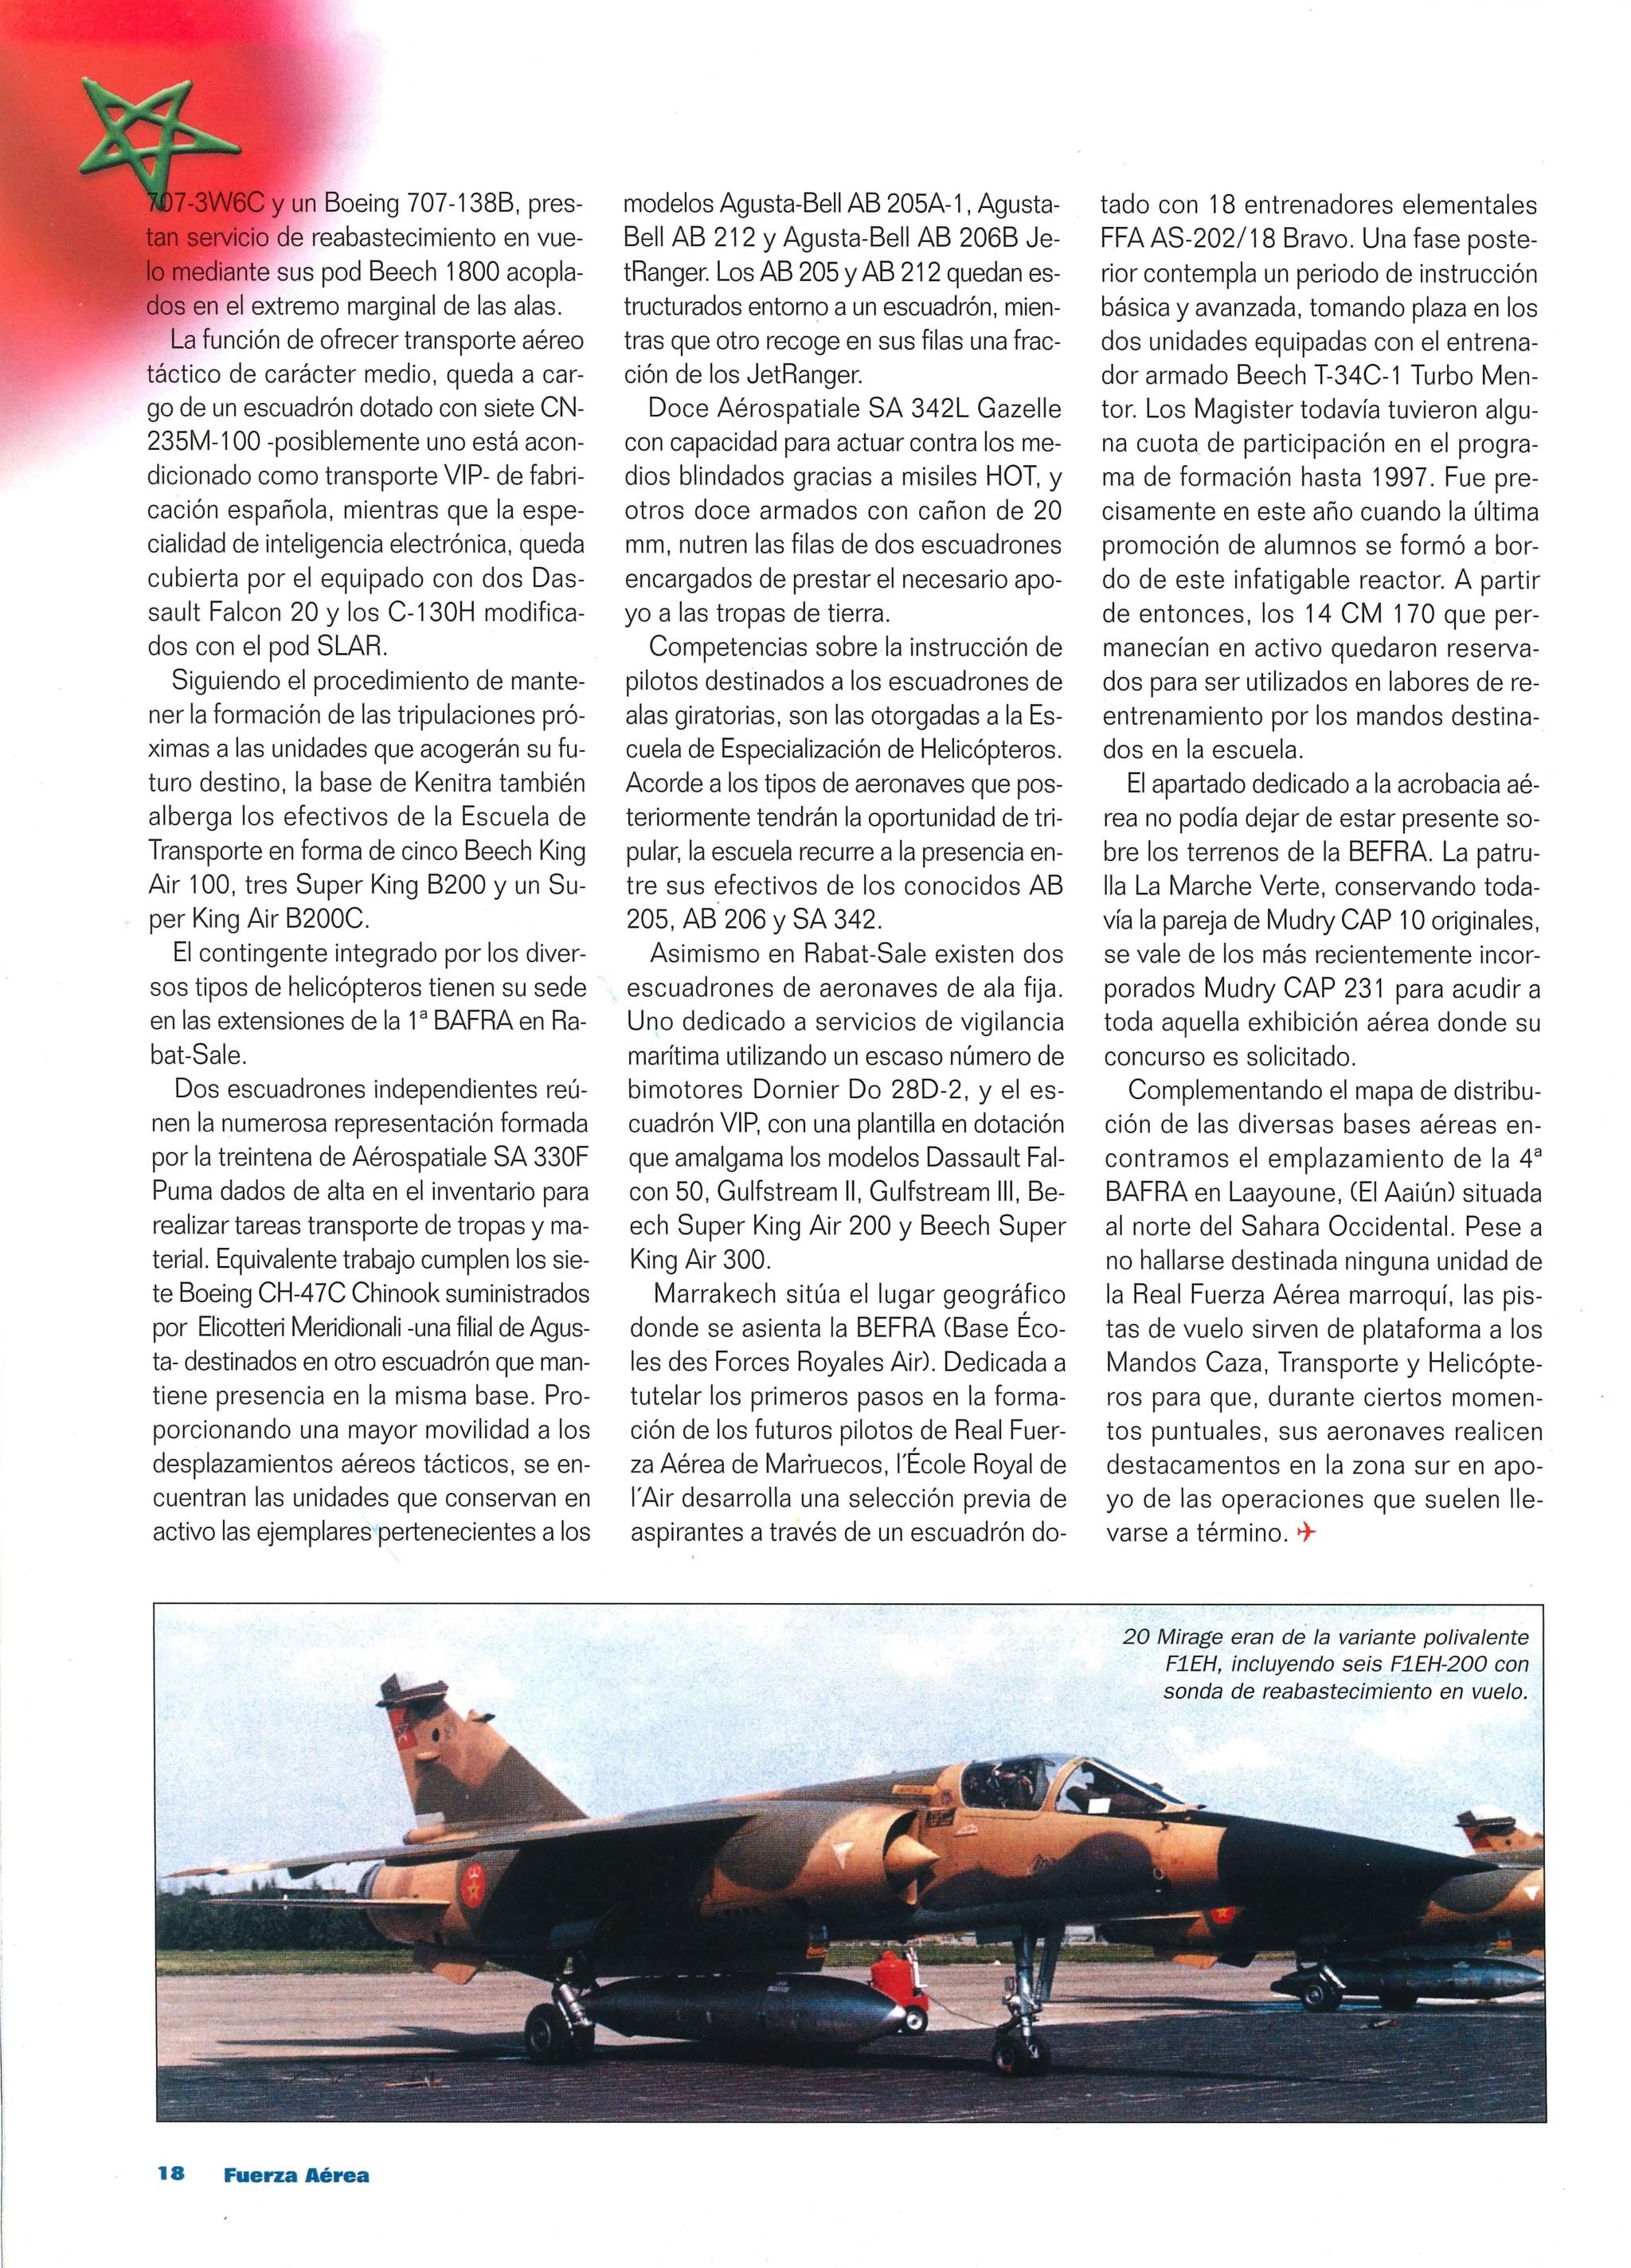 Articles autour des F.R.A - Page 13 49497690728_333d78cec3_3k